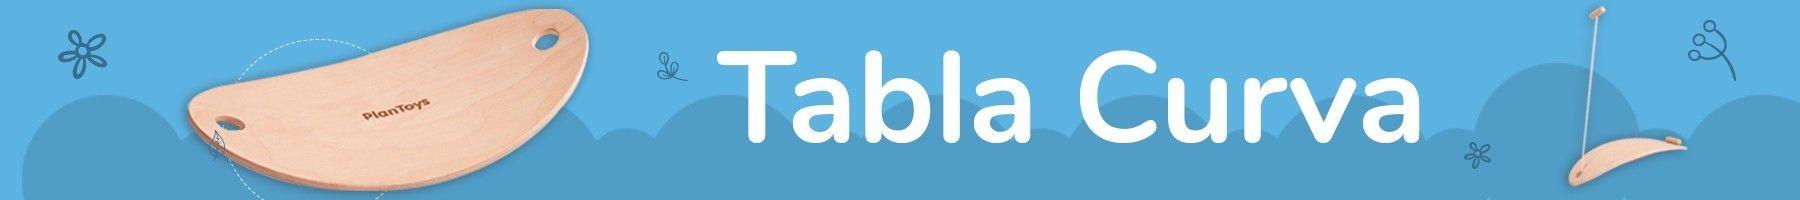 Comprar Tabla Curva de equilibrio ecológica para bebés |My Baby's Life